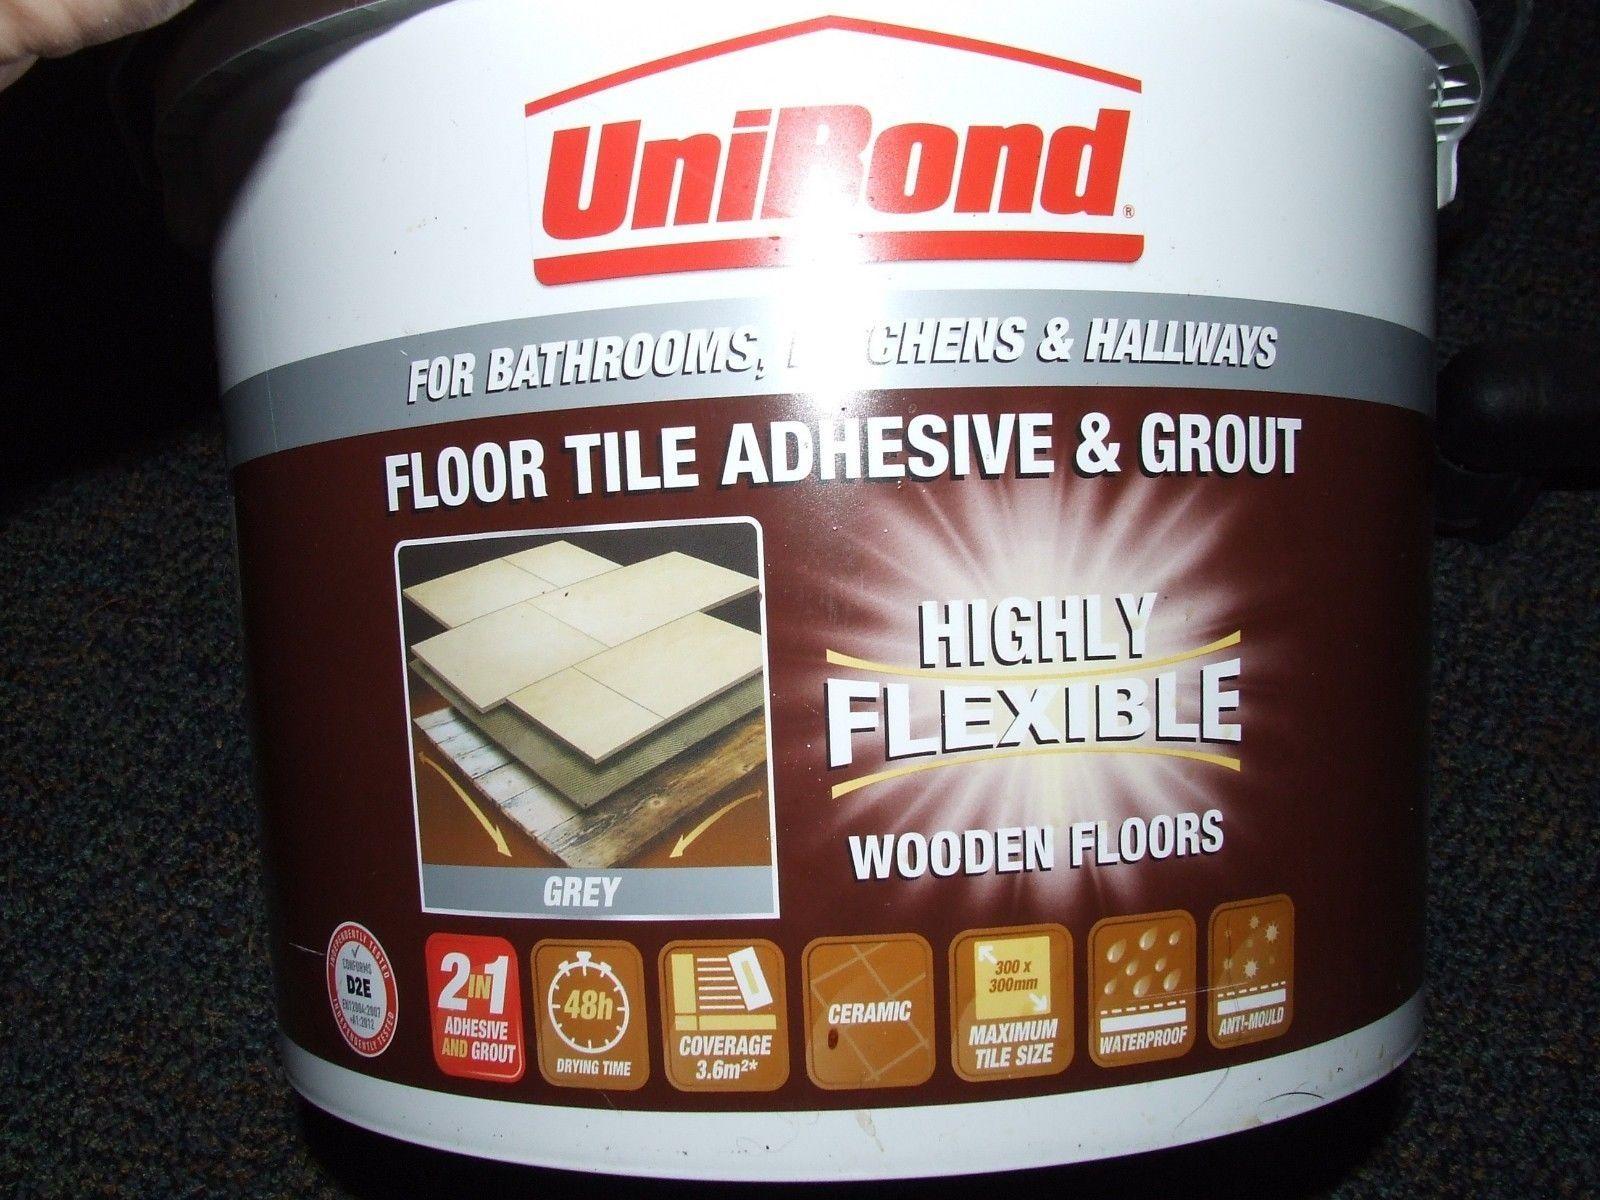 Waterproof floor tile adhesive and grout httpnextsoft21 waterproof floor tile adhesive and grout dailygadgetfo Gallery